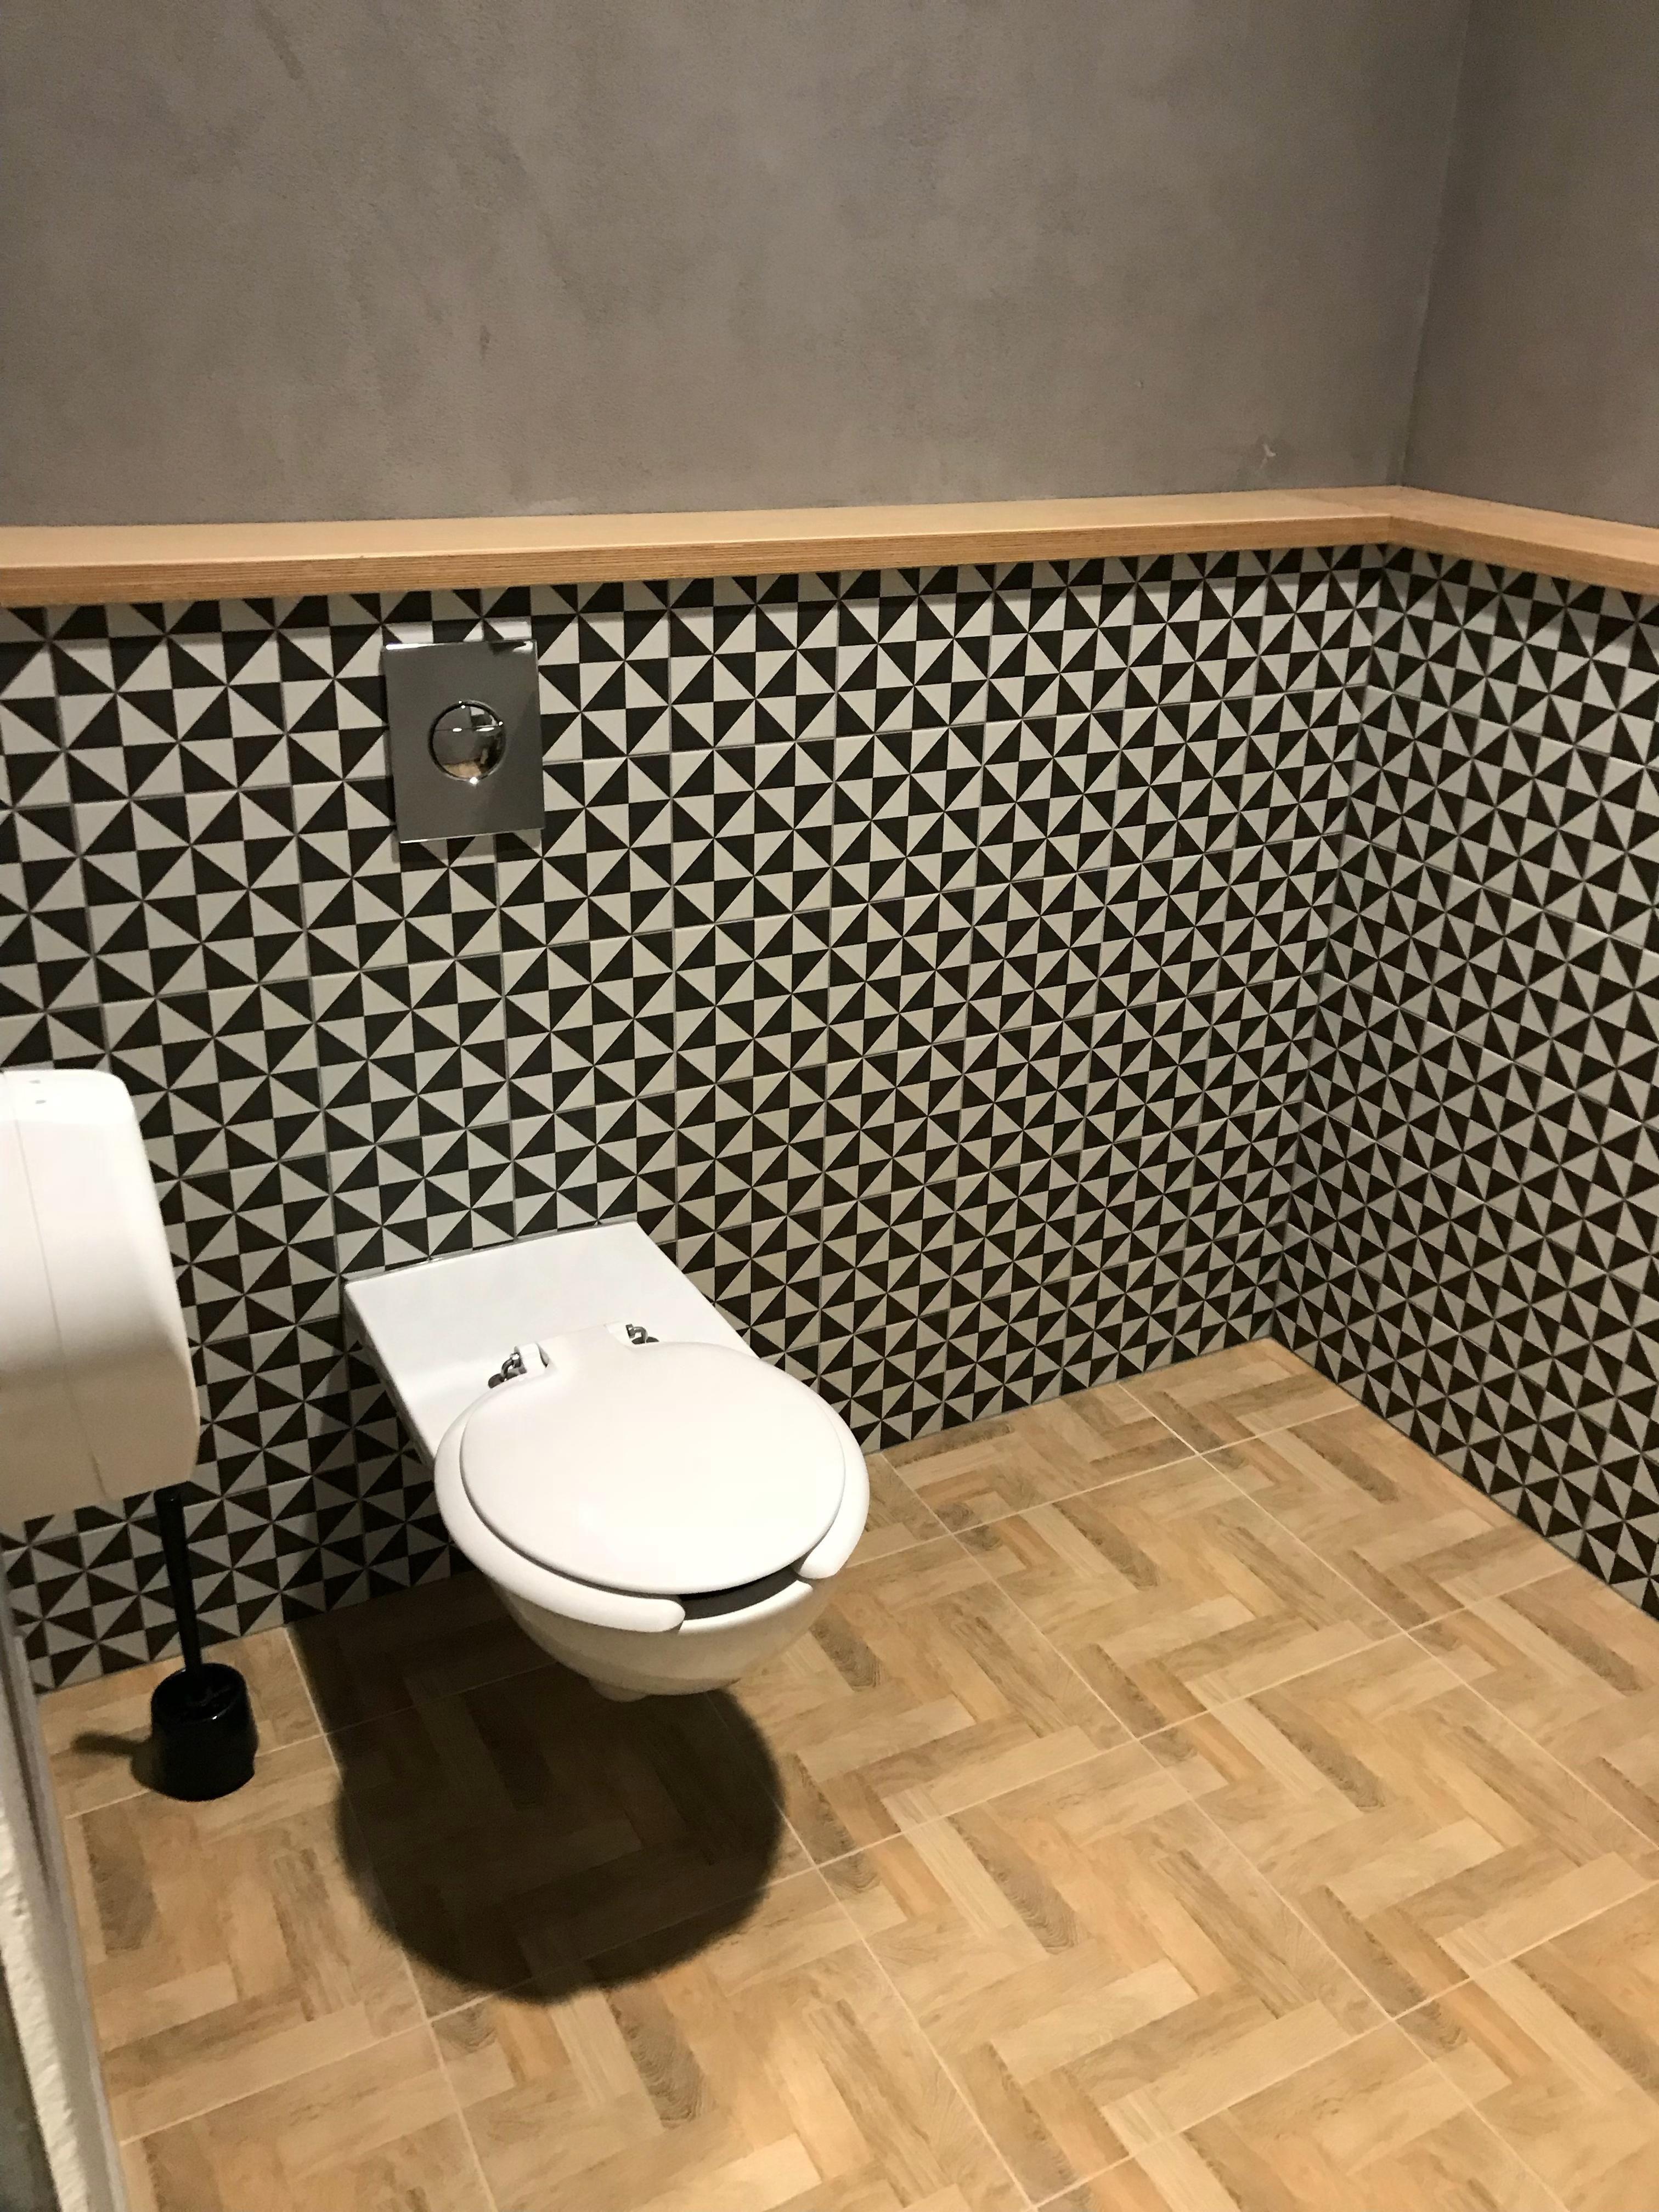 Zementfliesen Im Badezimmer Lifestyle Zementfliesen Badideen Fliesen Haus Interessant Homedesign Home Inspiratio Zementfliesen Fliesen Gaste Wc Modern